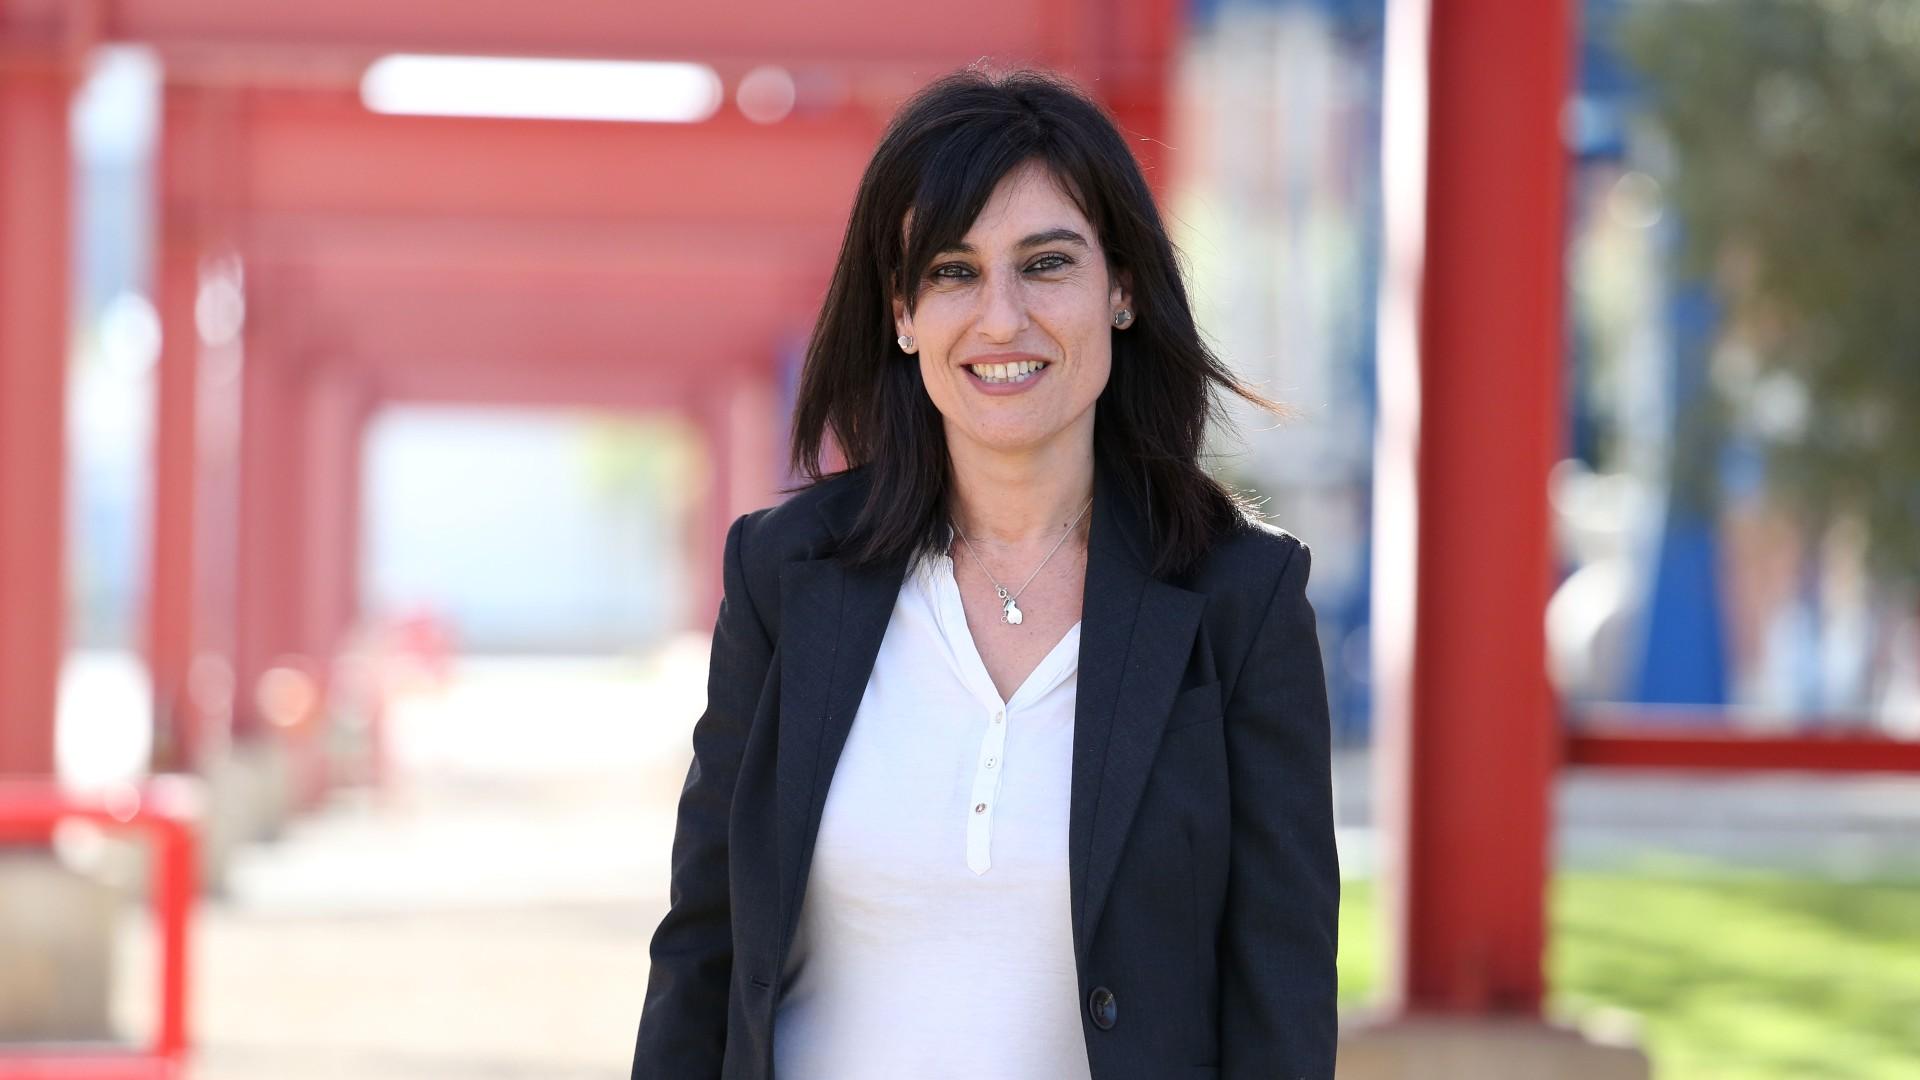 Noelia Vázquez, HR & Communication Director, ELIX Polymers